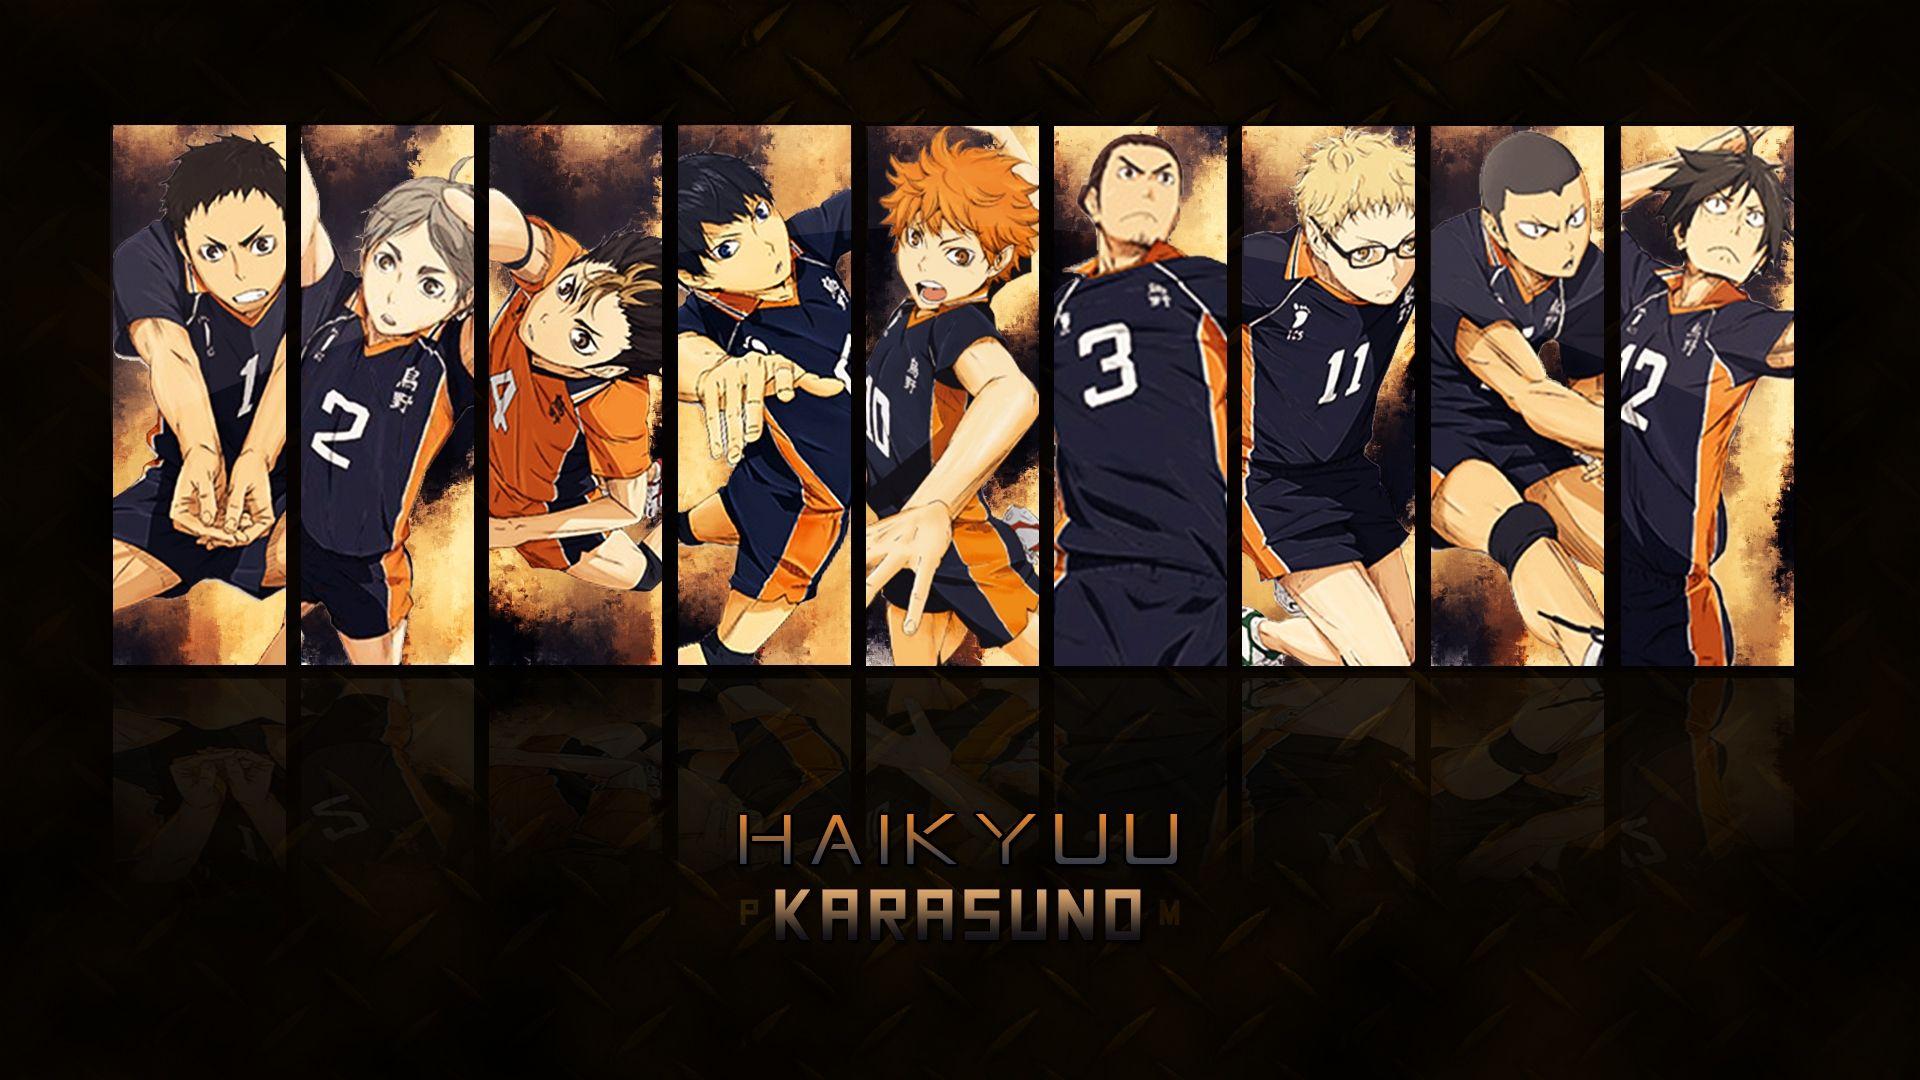 Haikyuu Muchlizar S Haikyuu Wallpaper Haikyuu Wallpaper Haikyuu Anime Wallpaper 1920x1080